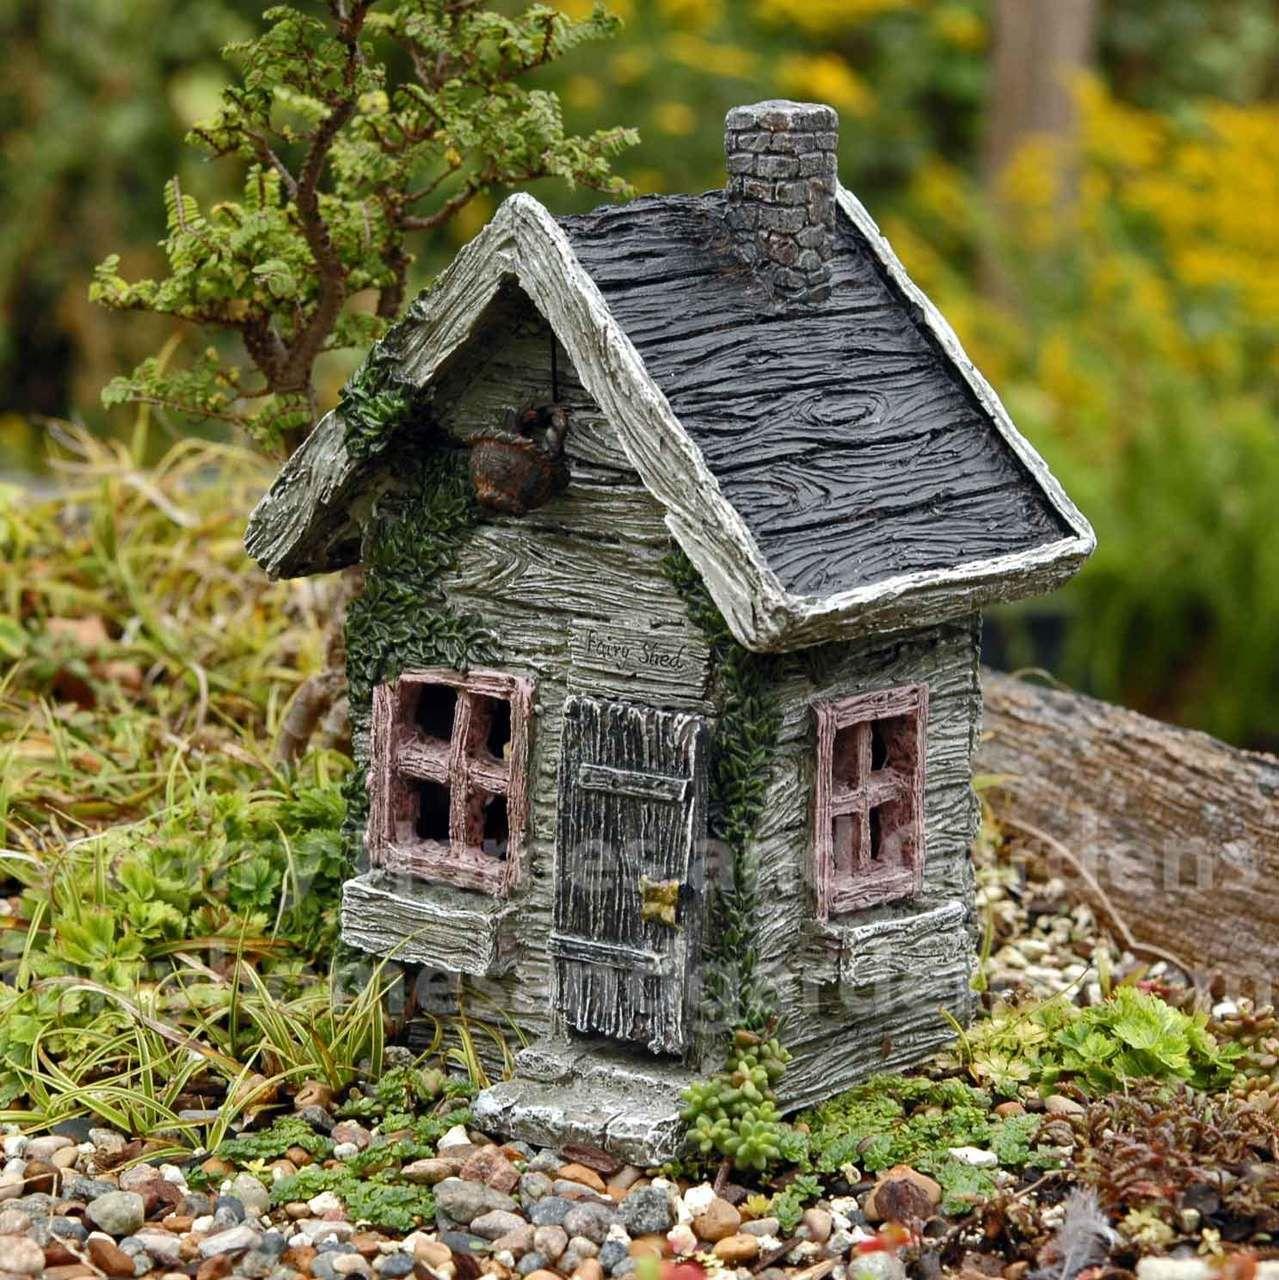 Fairy Garden Shed With Swinging Door